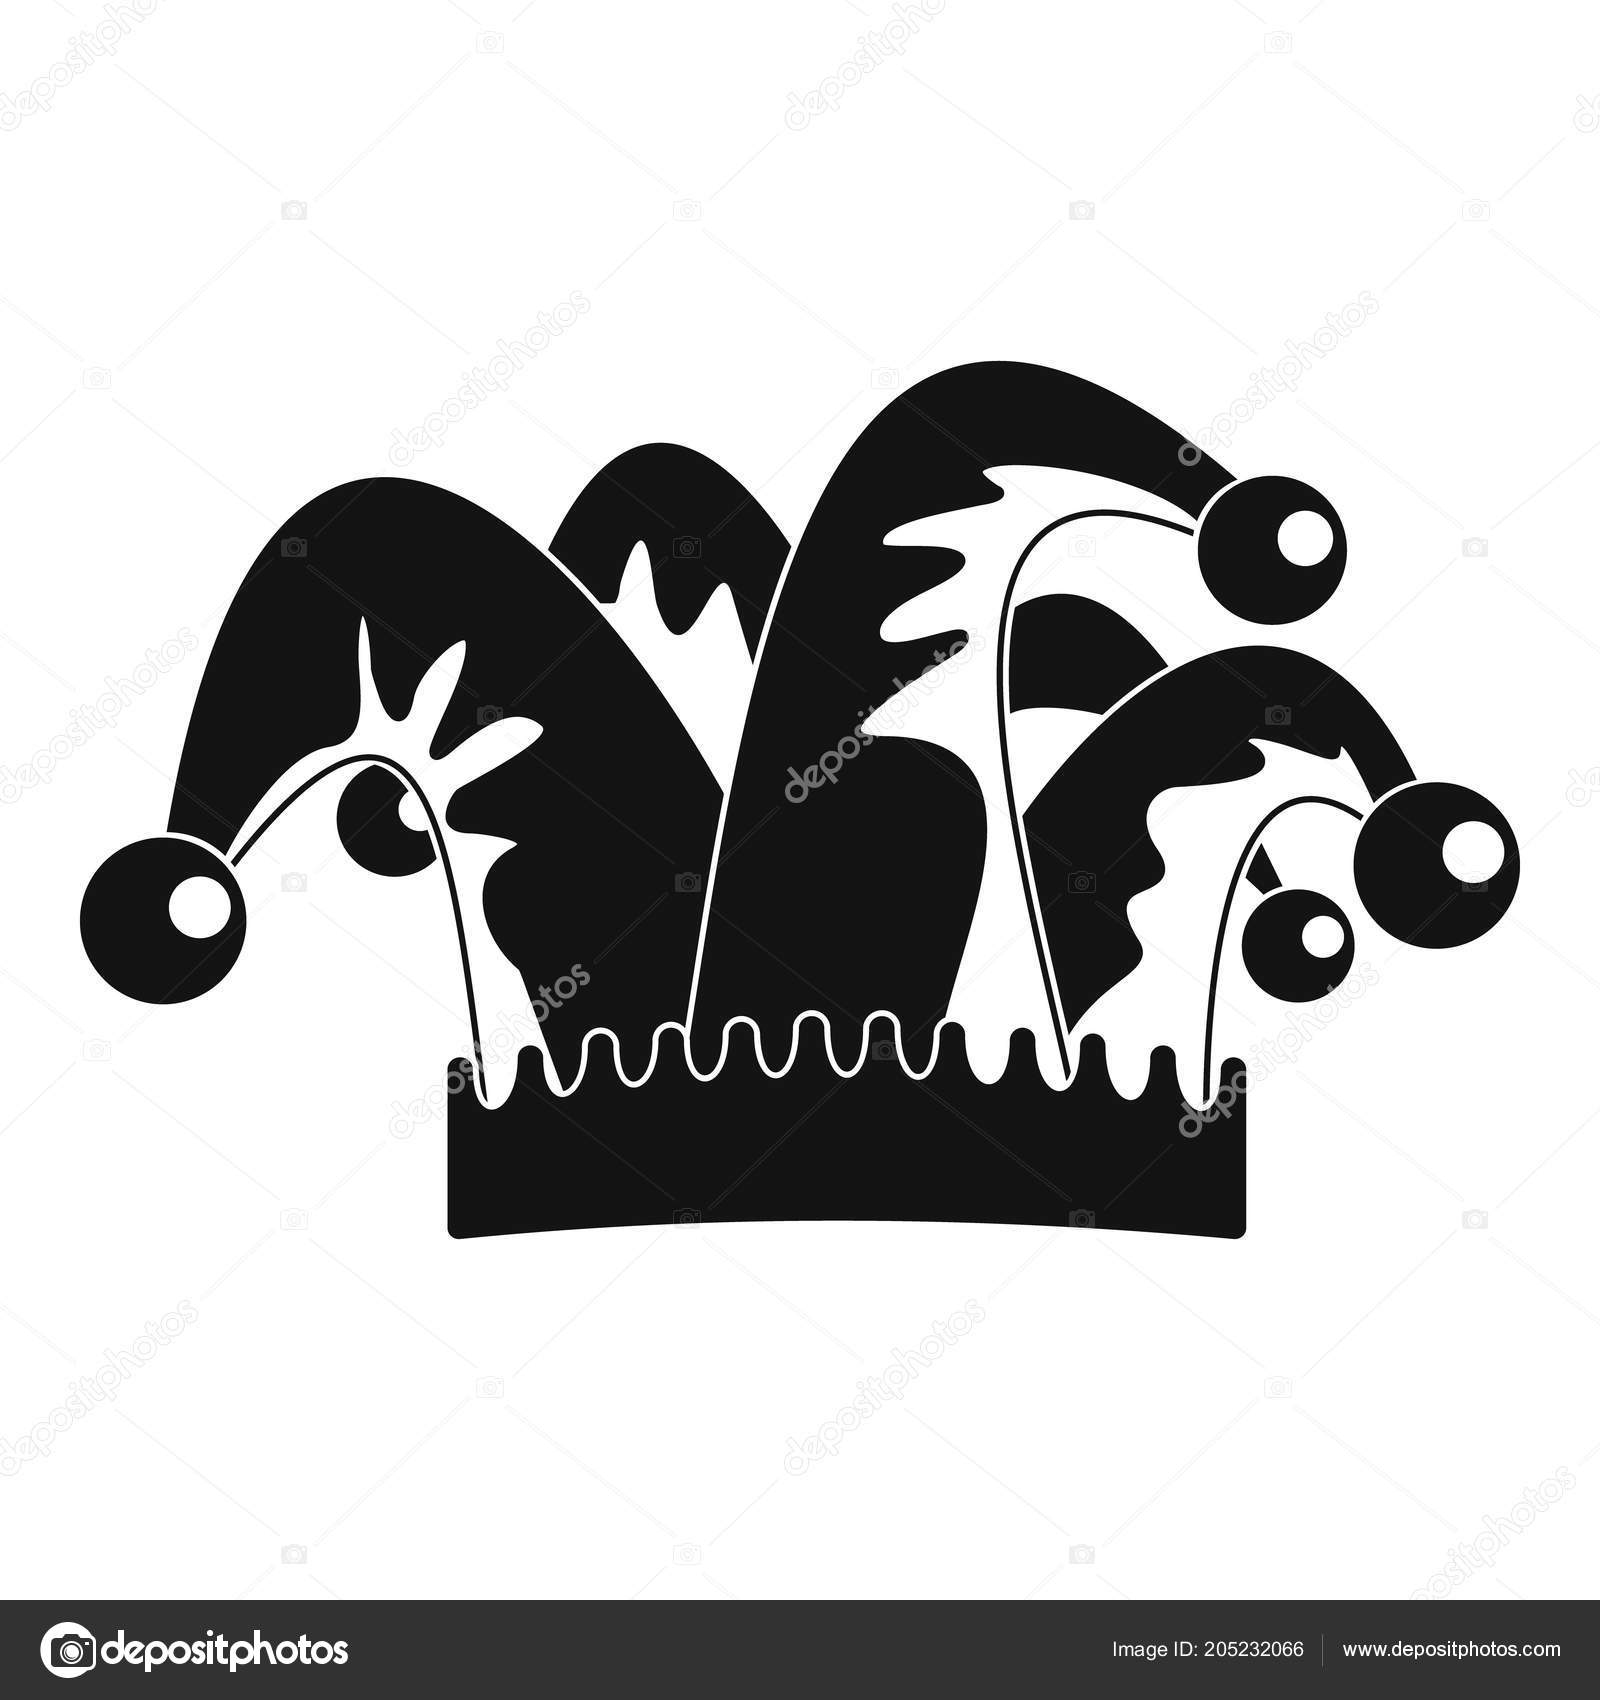 Icono de campana de sombrero de humor. Ilustración simple de icono de vector  de humor sombrero campana para diseño web aislado sobre fondo blanco —  Vector ... db1ad595e39